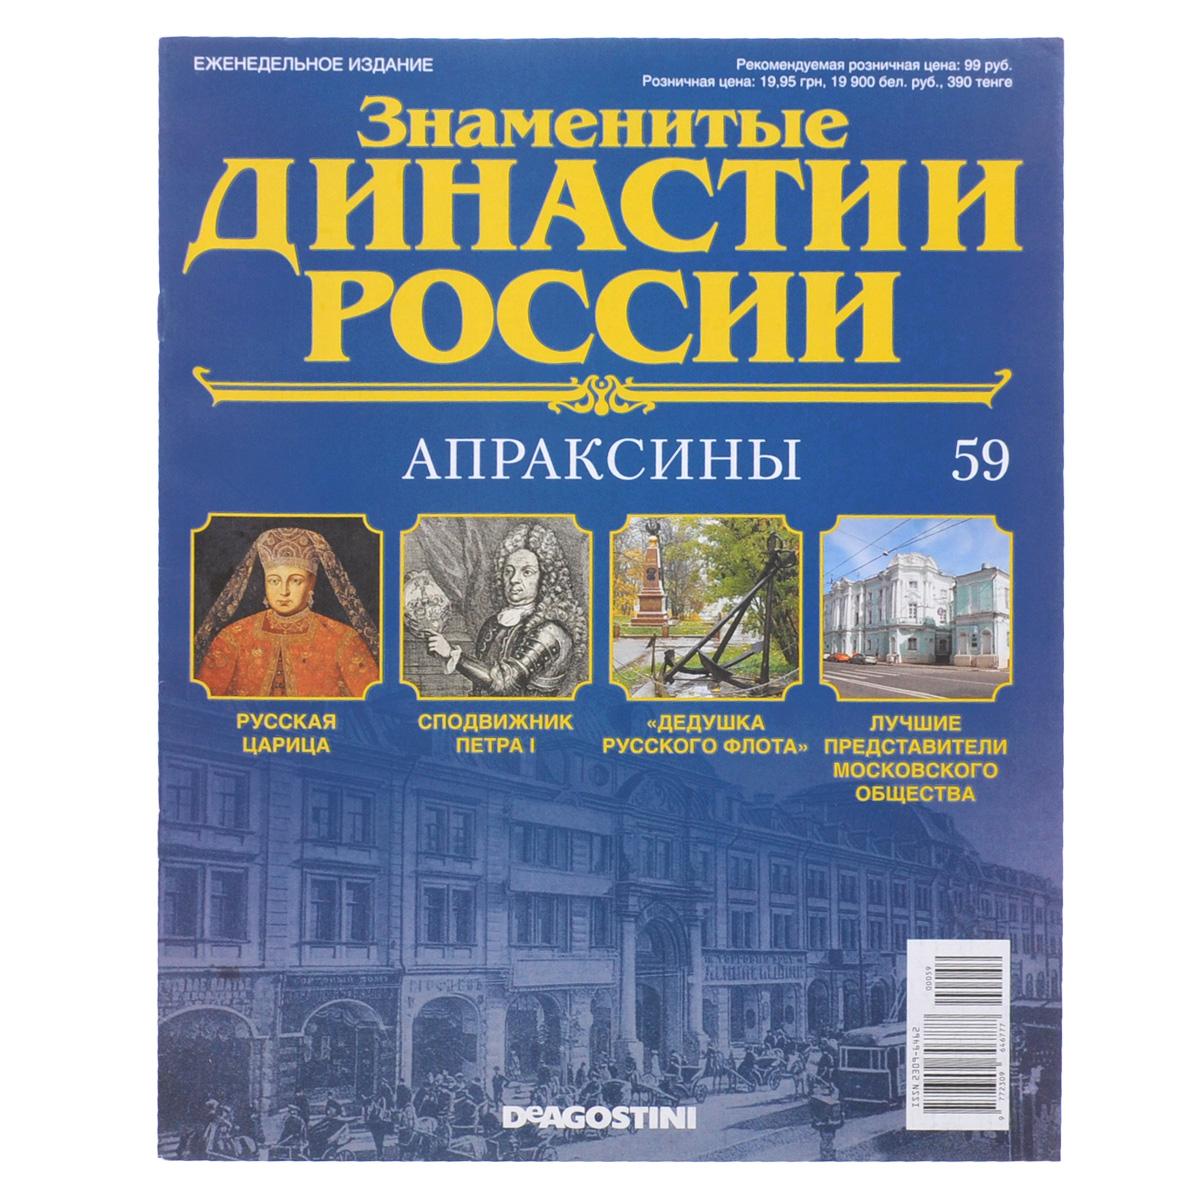 Журнал Знаменитые династии России №059 журнал знаменитые династии россии 85